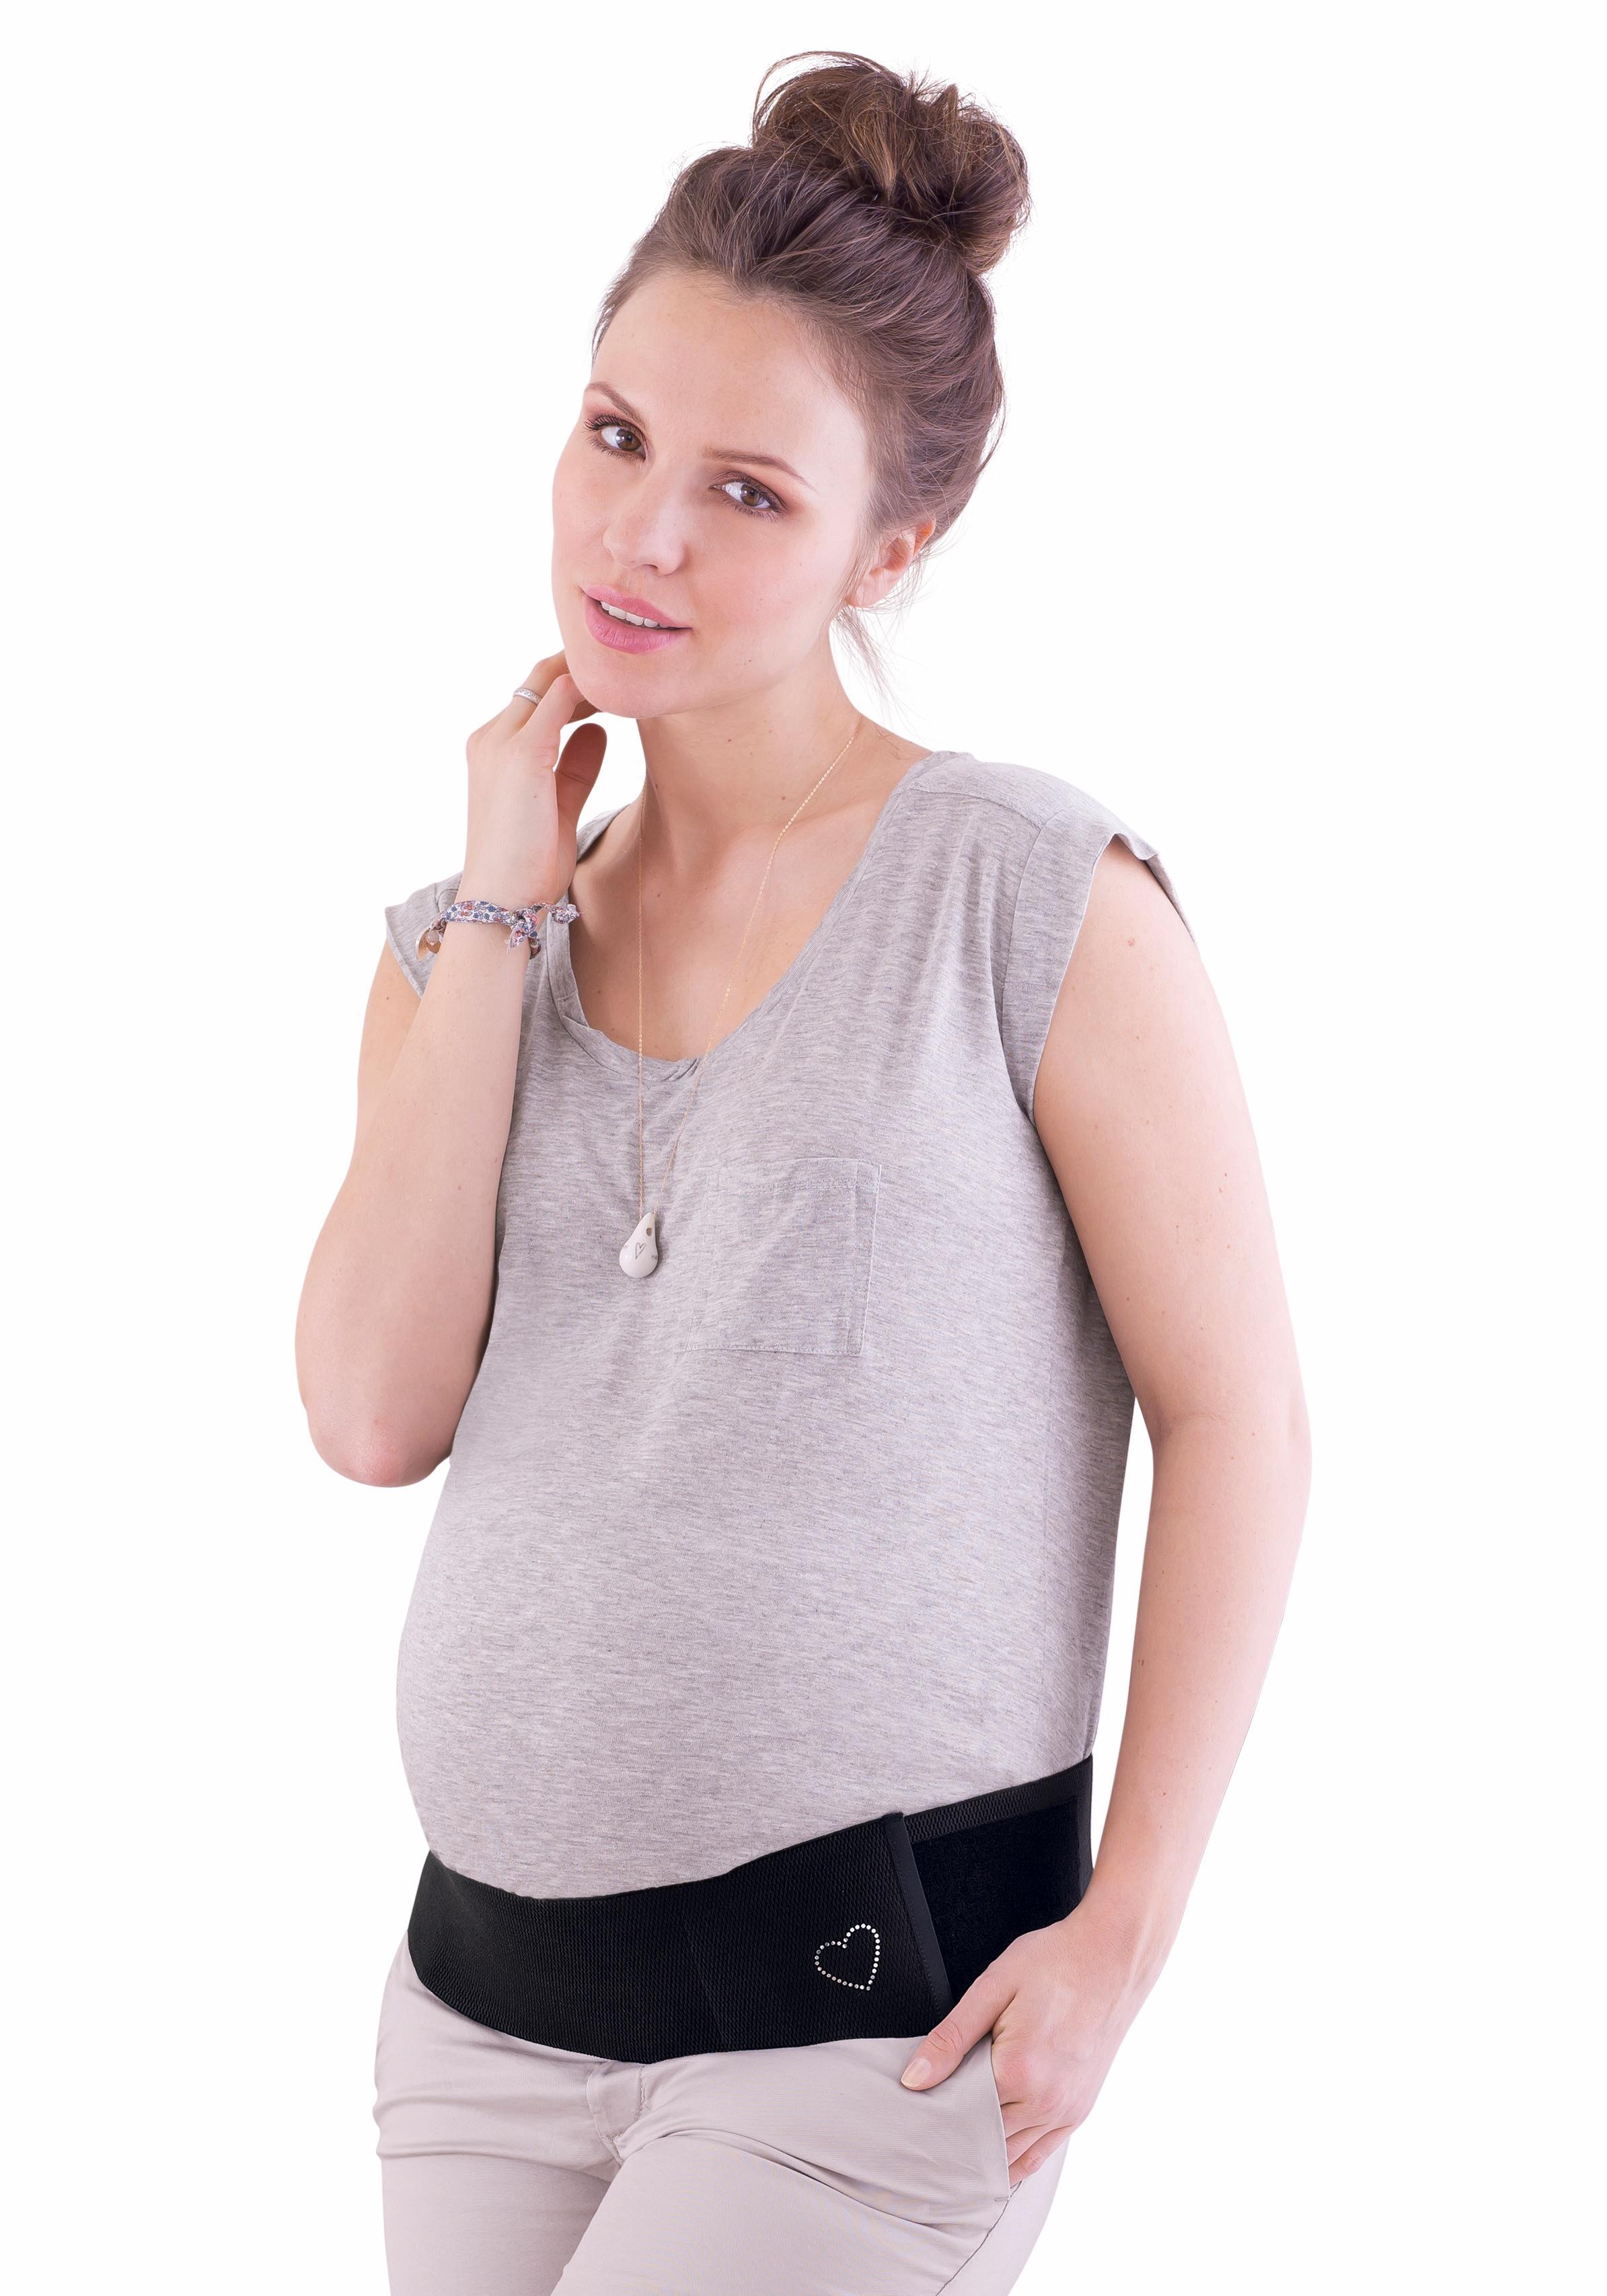 Image of Anita Maternity Bauchgürtel »Baby Sherpa« auch über der Kleidung tragbar